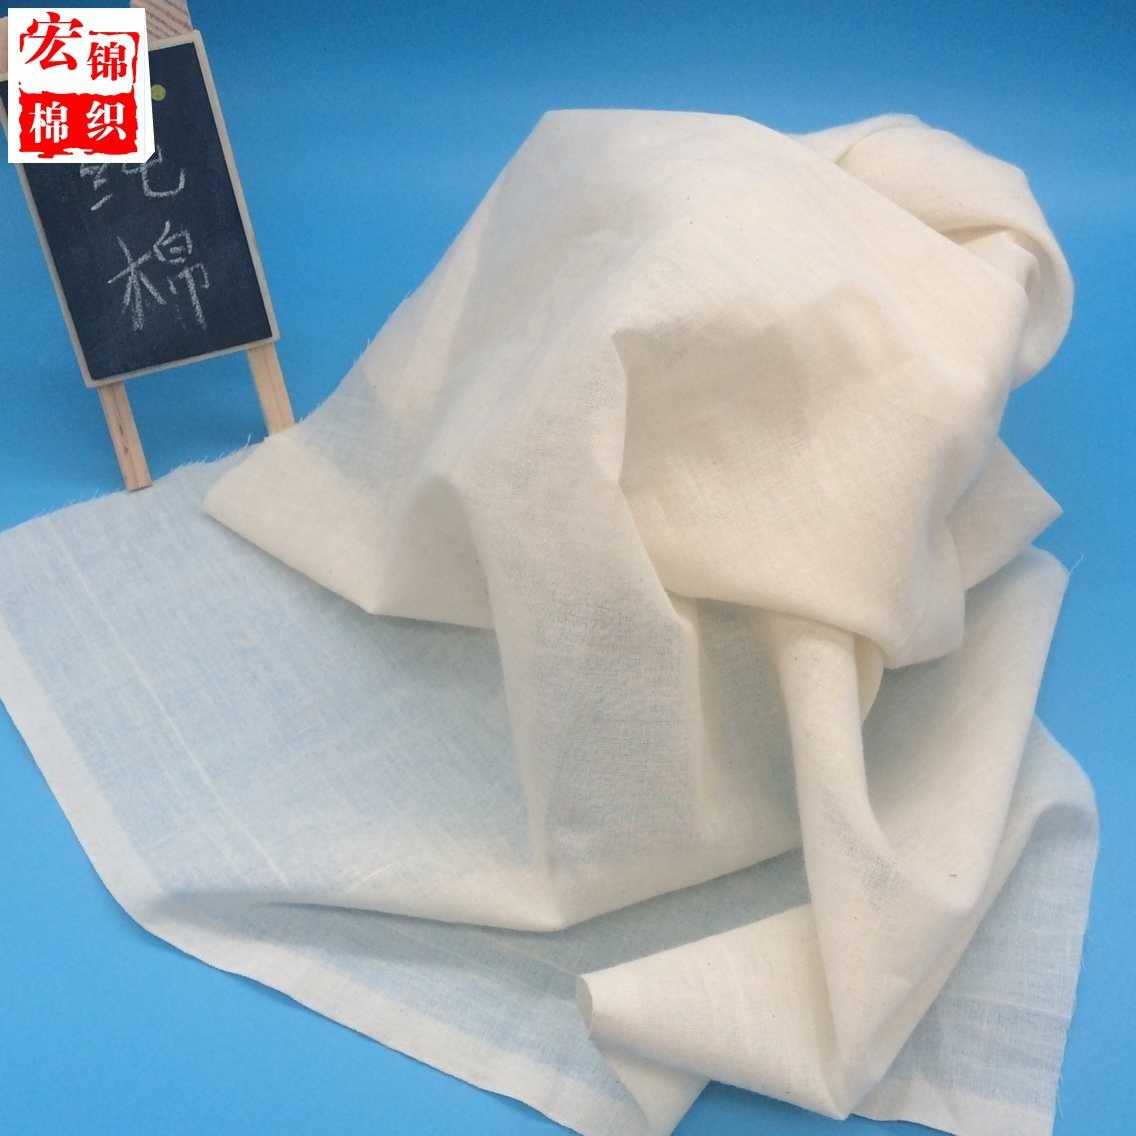 HONGJIN vải mộc Vải màu xám vải bông tinh khiết vải trắng vải bông gạc bông vải công nghiệp gạc bông